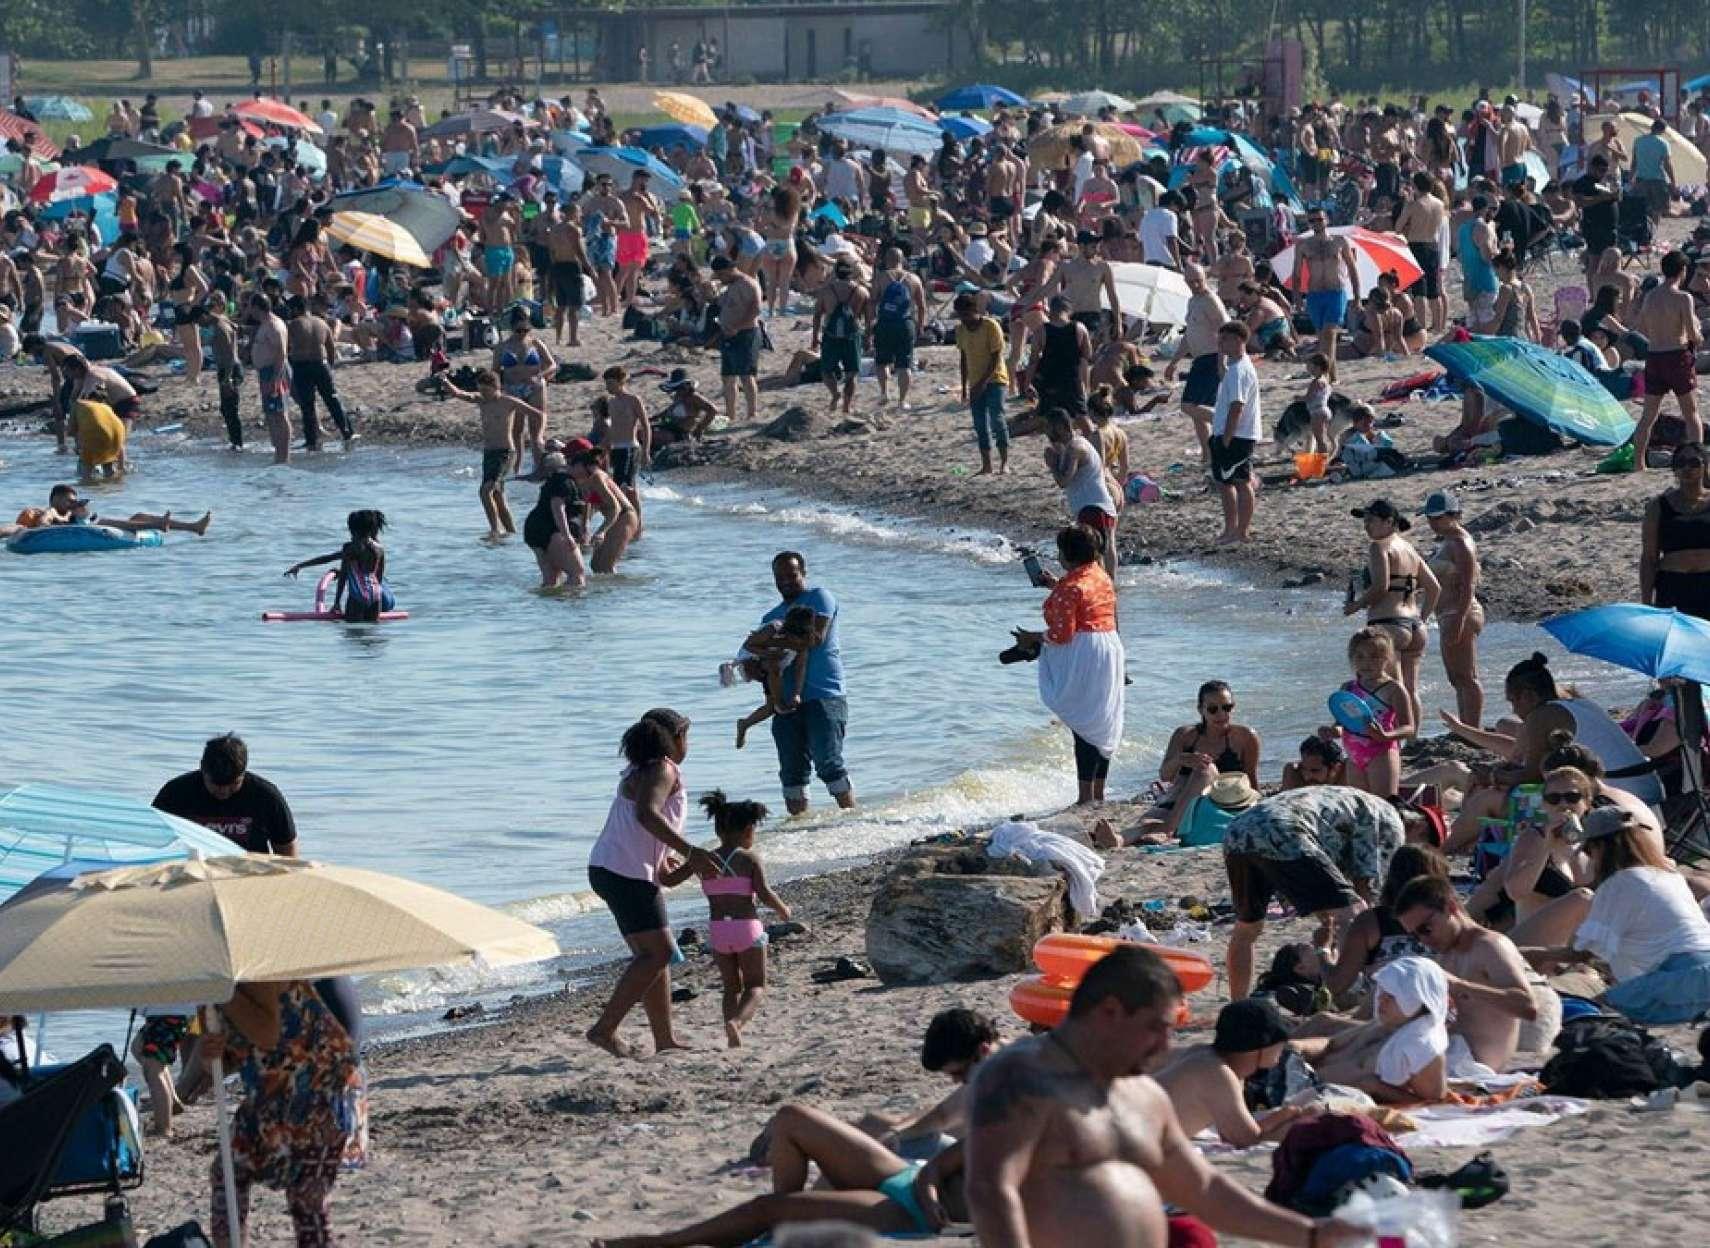 اخبار-تورنتو-عیش-و-نوش-در-سواحل-تورنتو-ممنوع